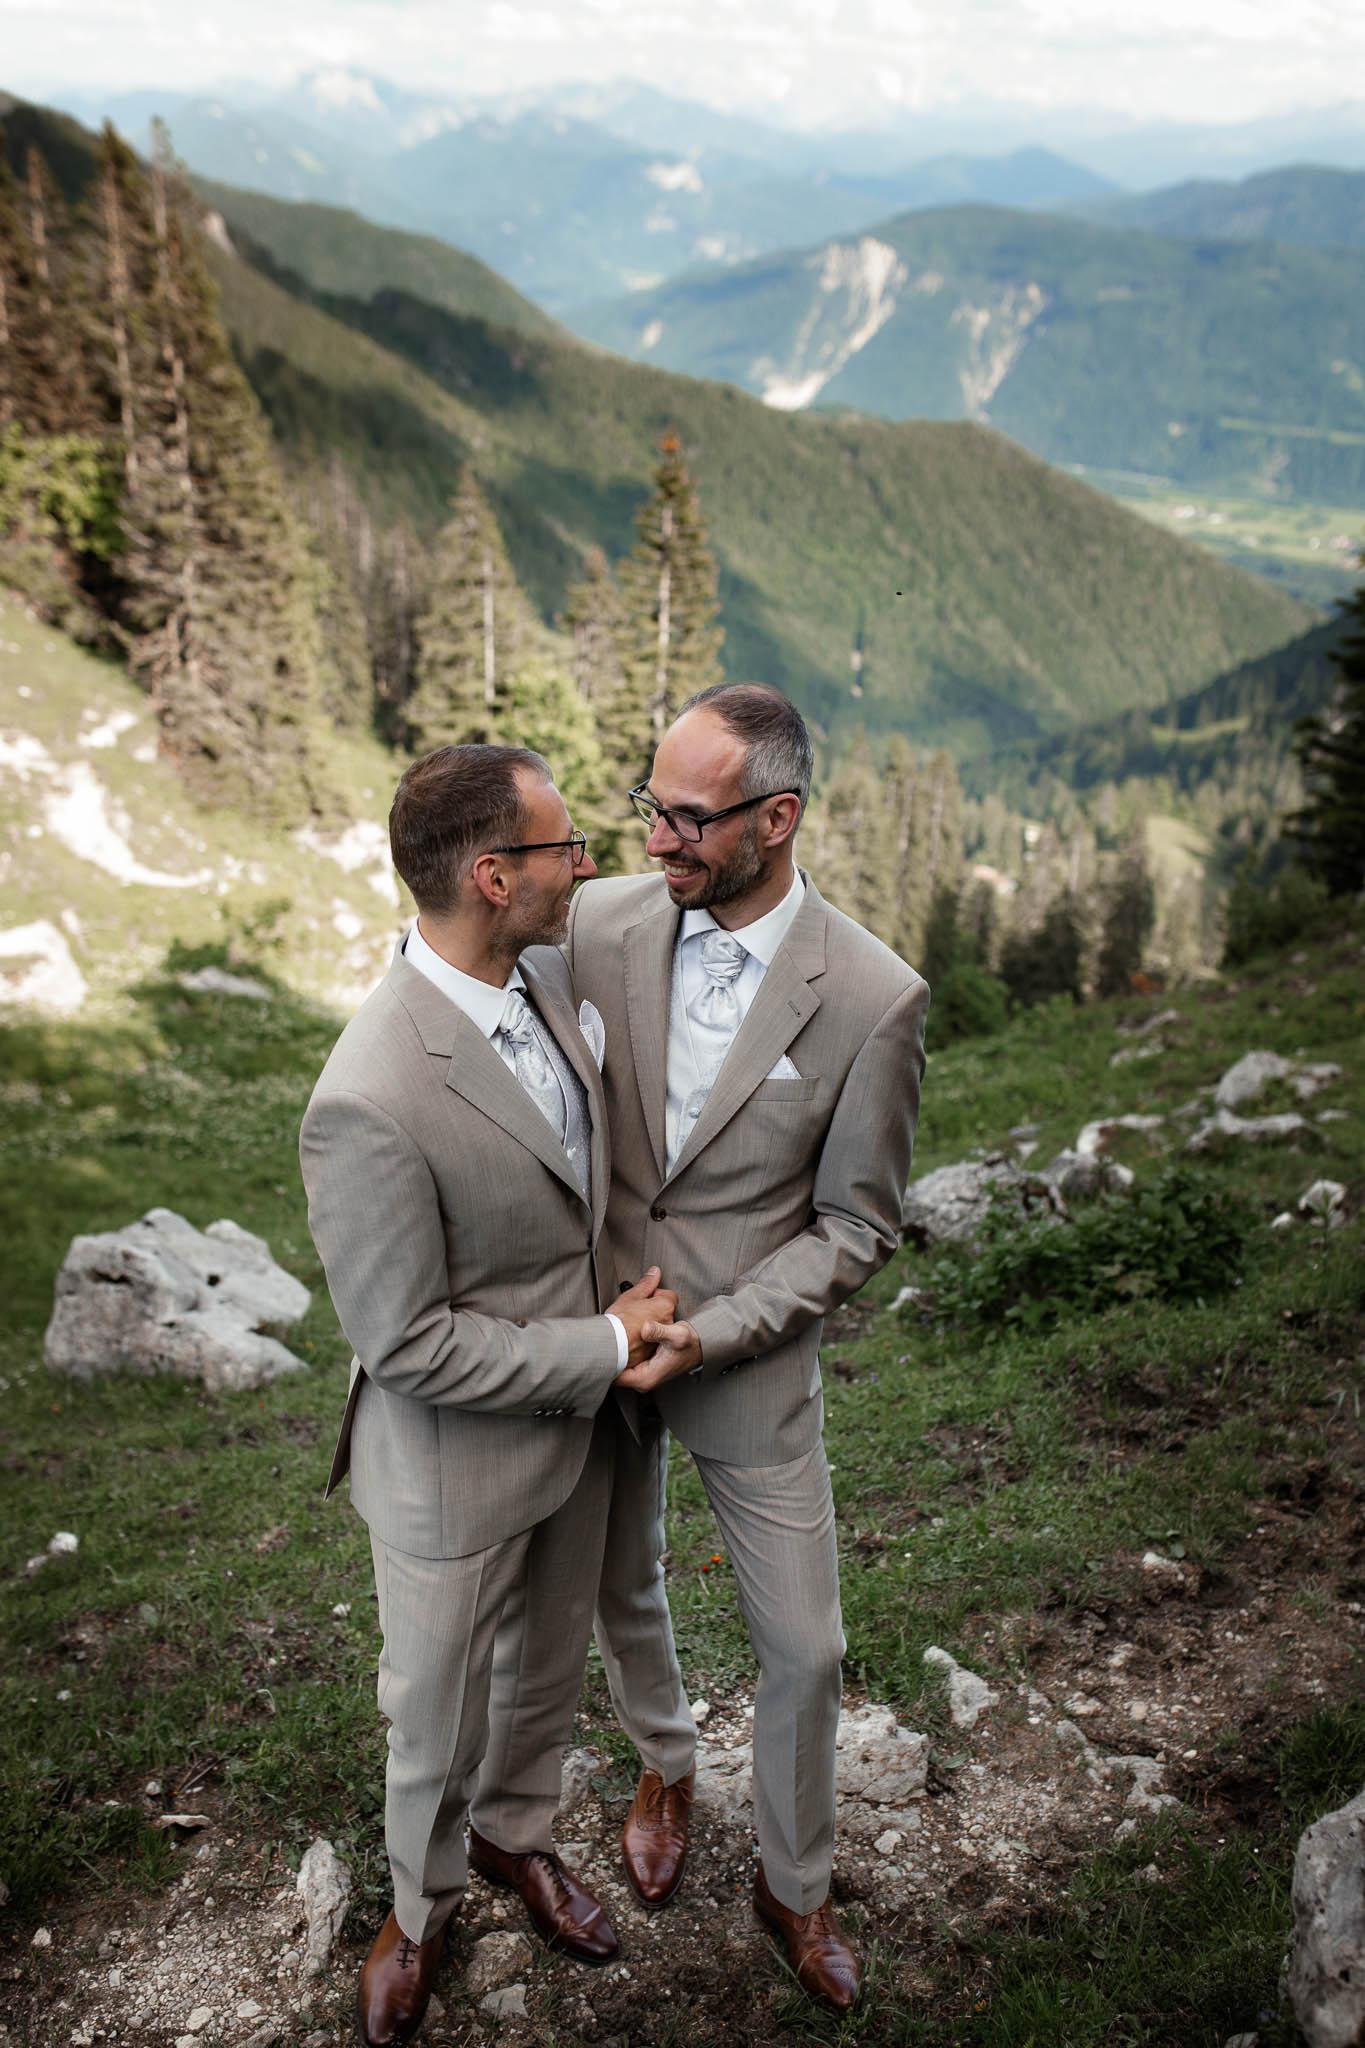 Hochzeitsfotograf Alpen, Chiemgau: freie Trauung von Dennis & Dirk 65